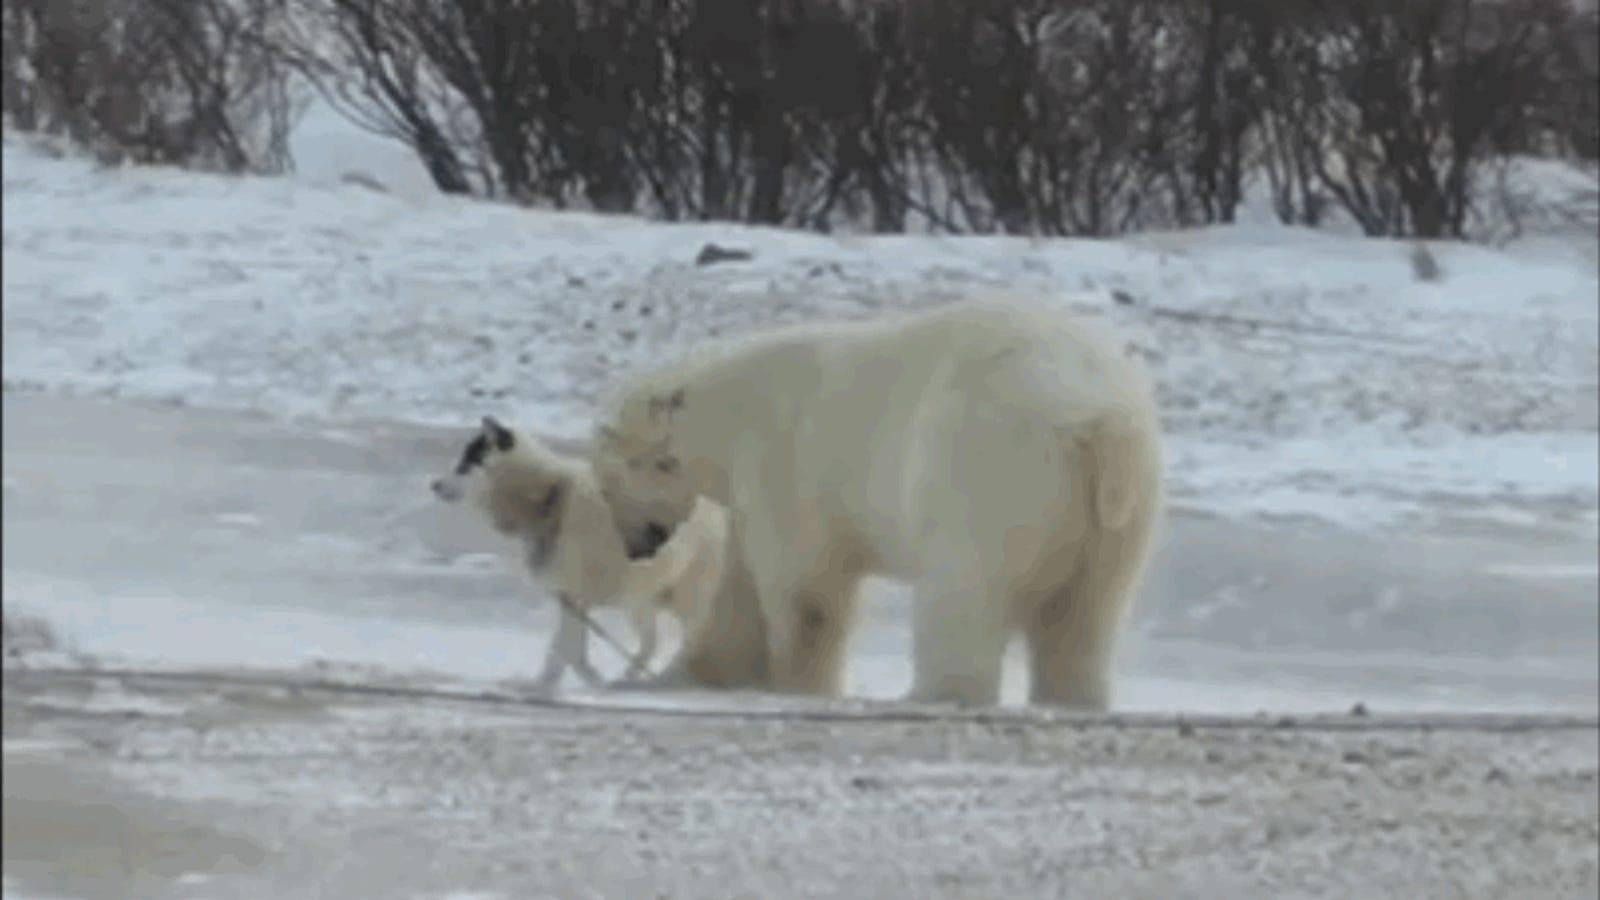 Esta historia de un oso polar jugando con un perro encadenado sí tiene final feliz